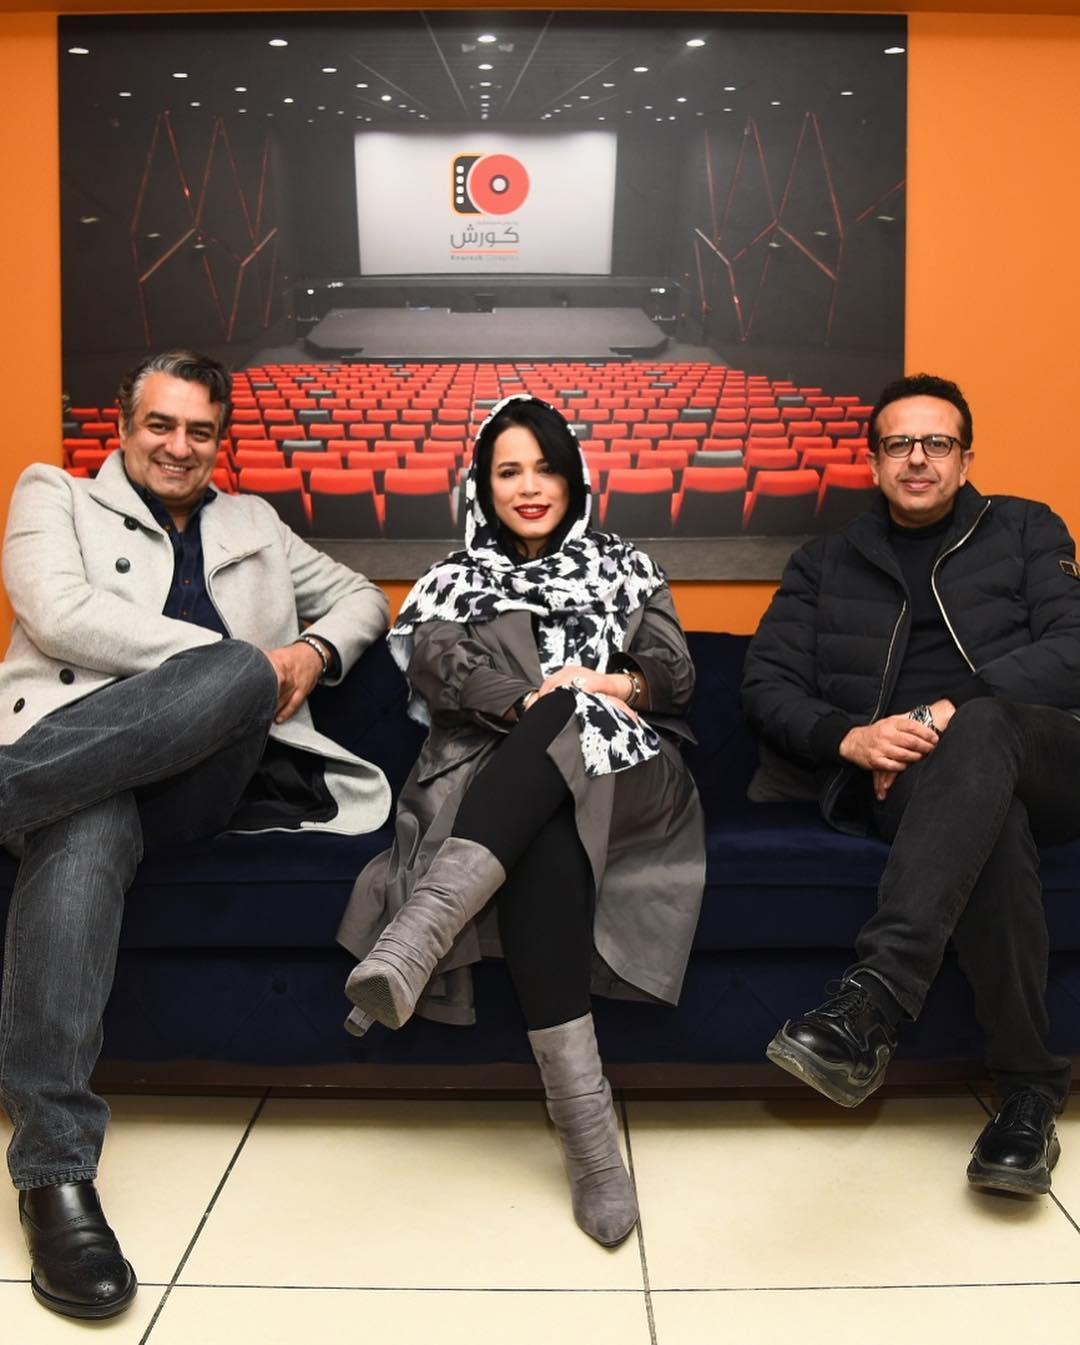 درخواست ملیکا شریفی نیا از مخاطبان جشنواره فیلم فجر +عکس